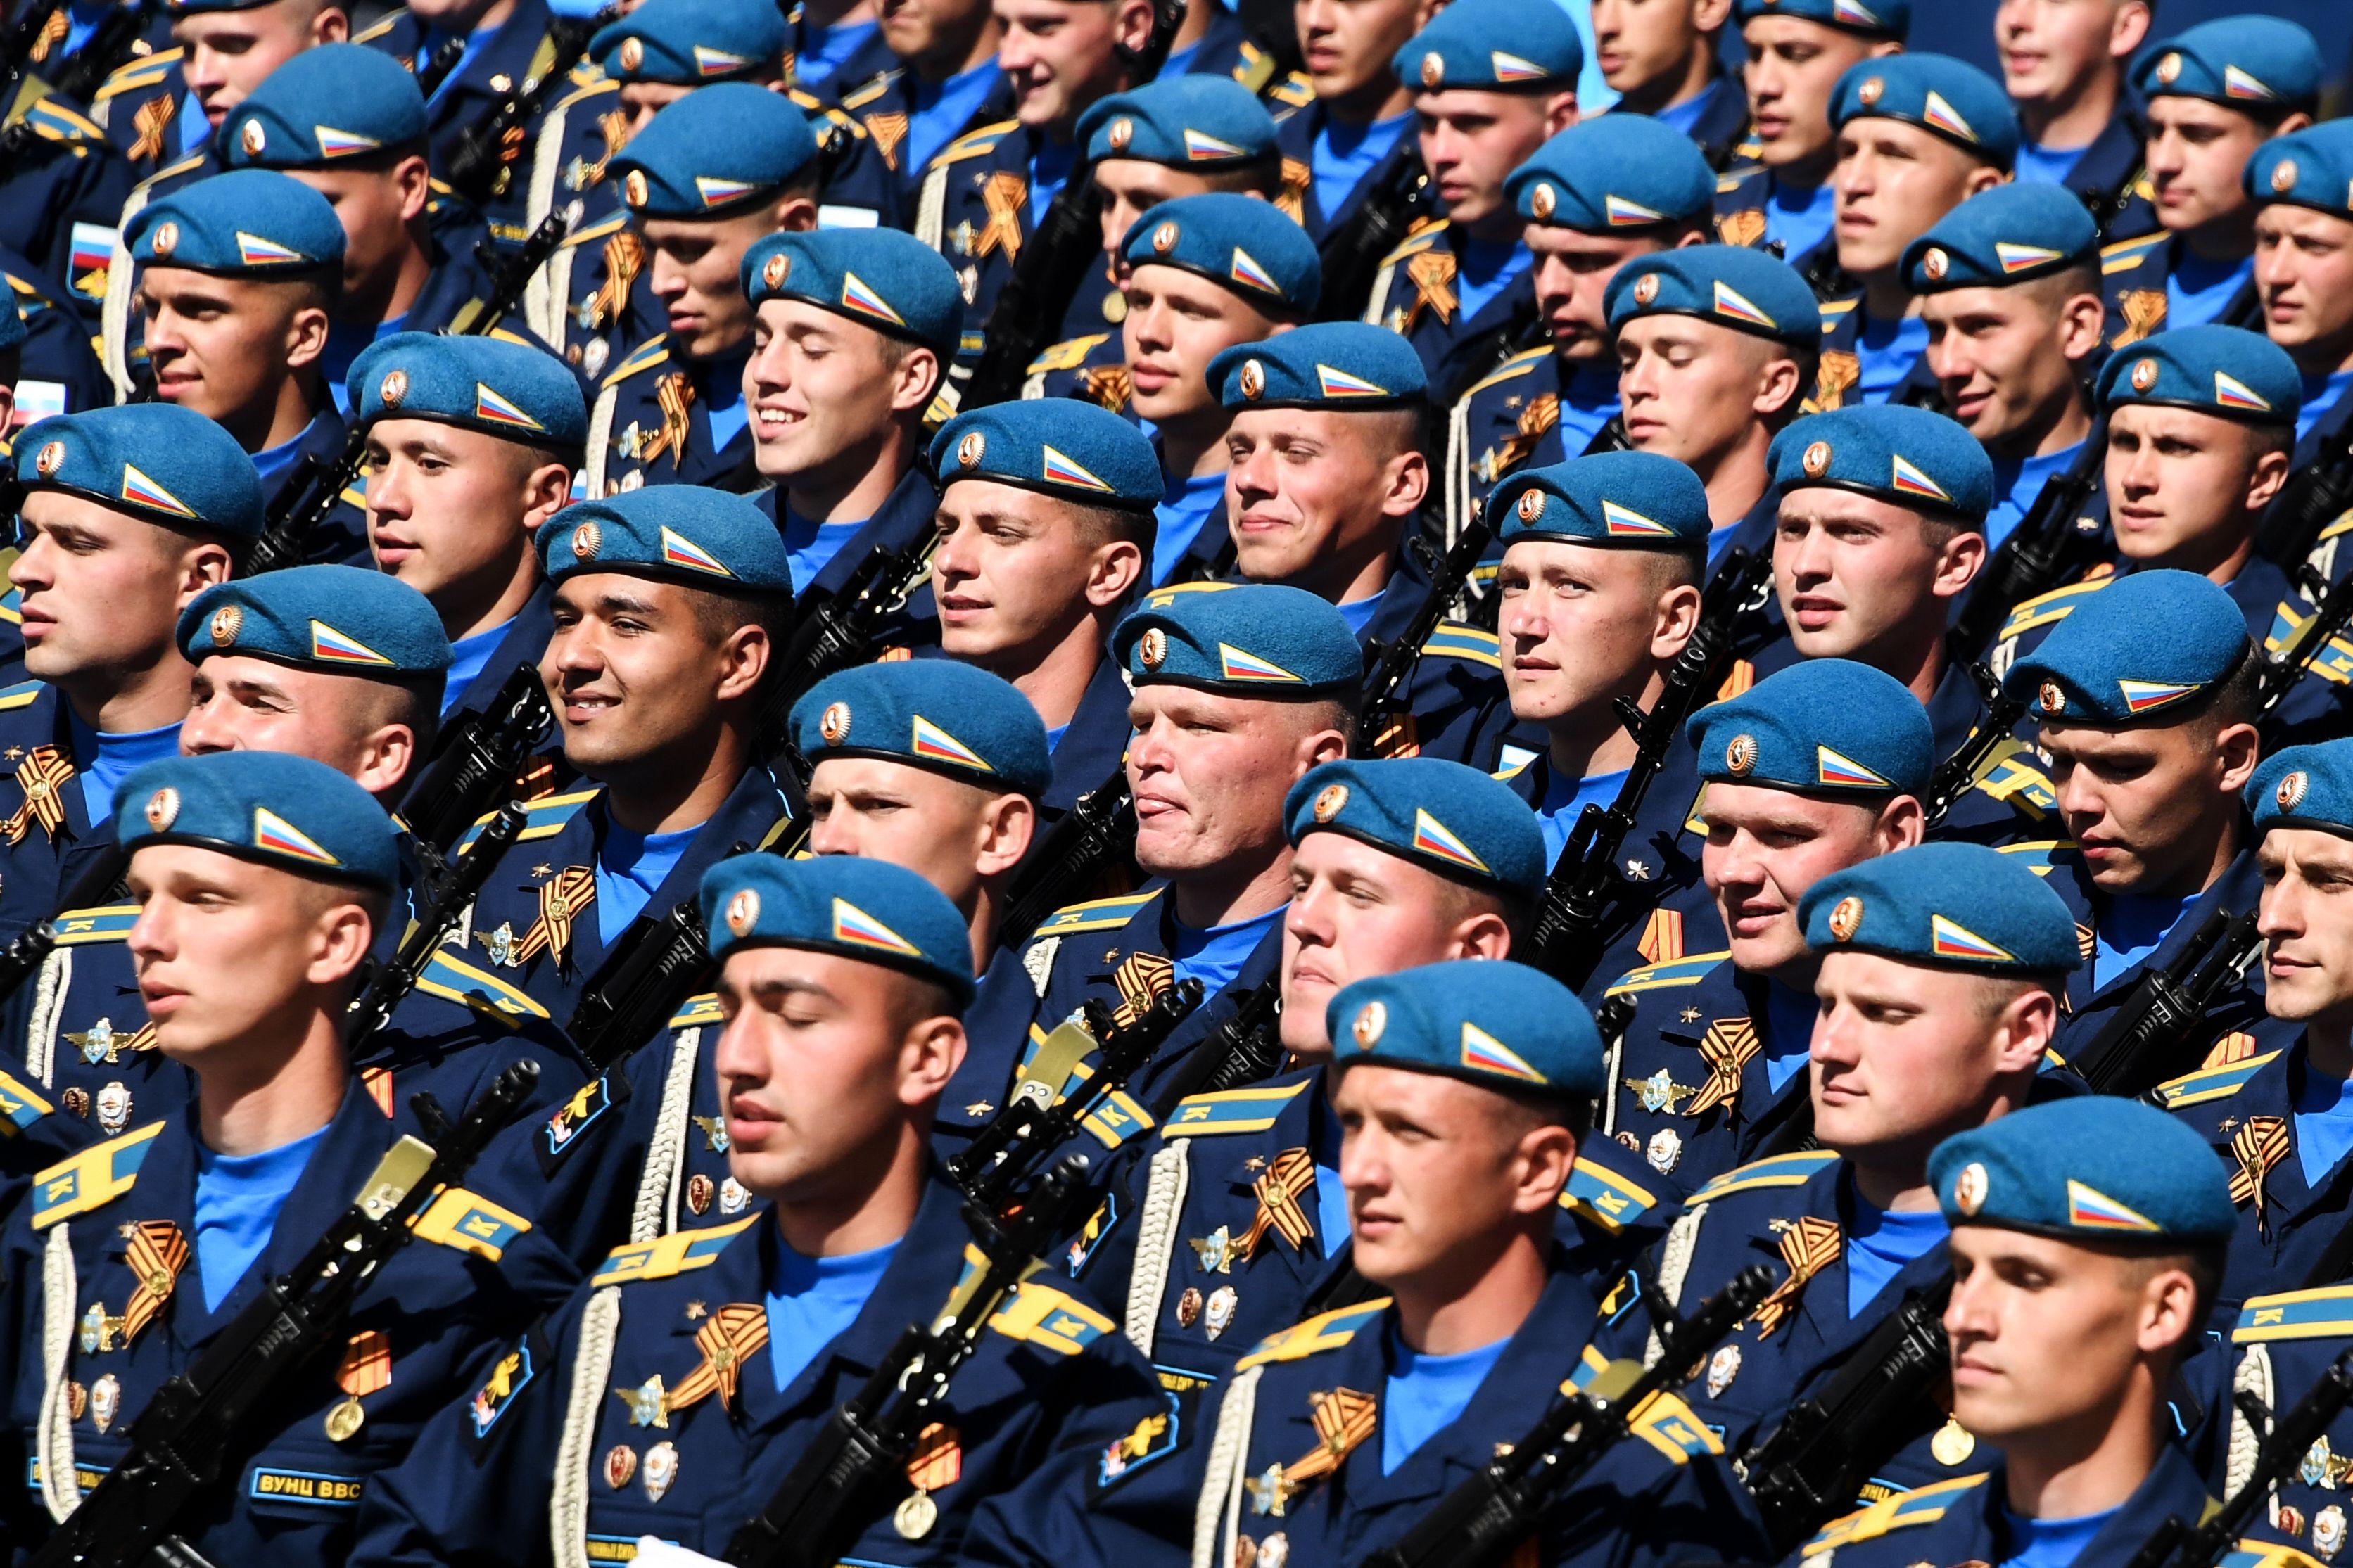 جانب من عروض الجيش الروسى